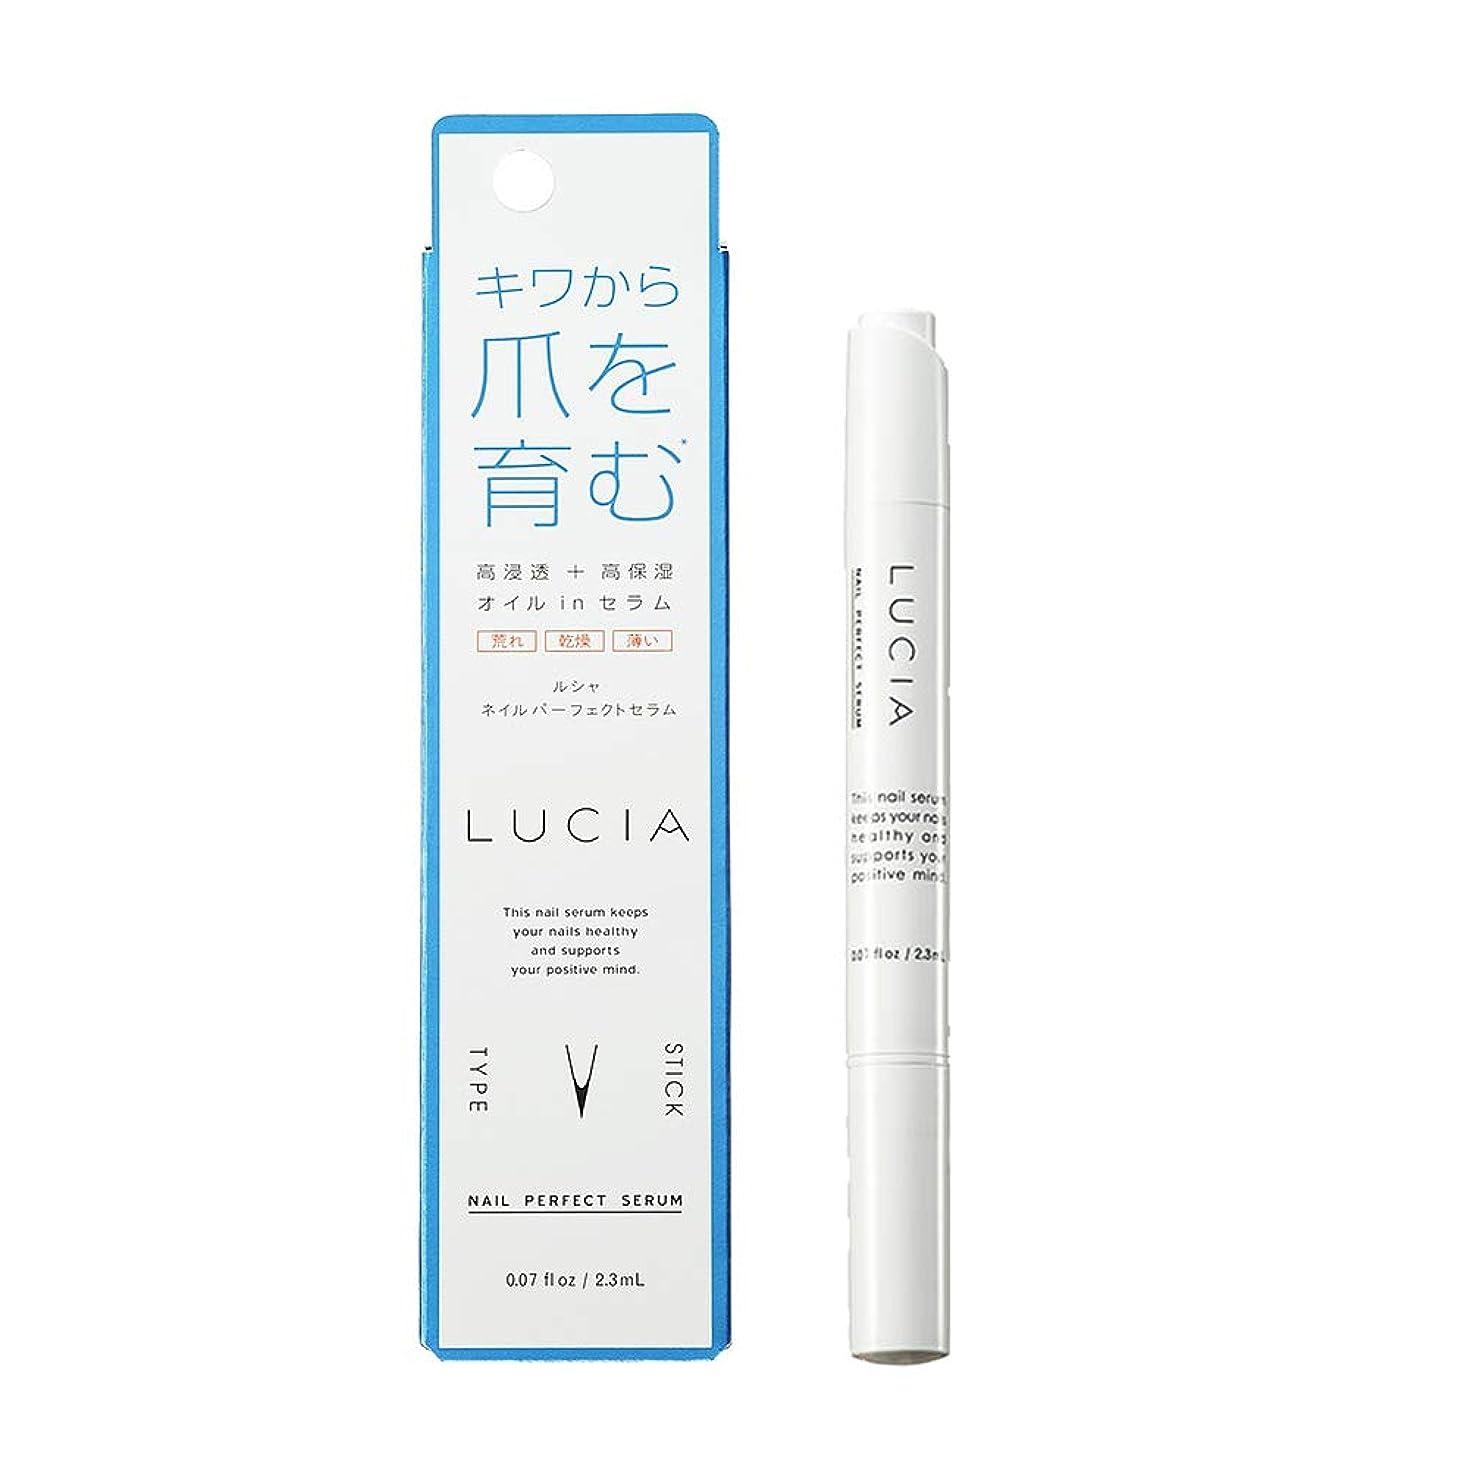 鎮痛剤レポートを書く暴力LUCIA【ルシャ】ネイルパーフェクトセラム 2.3ml